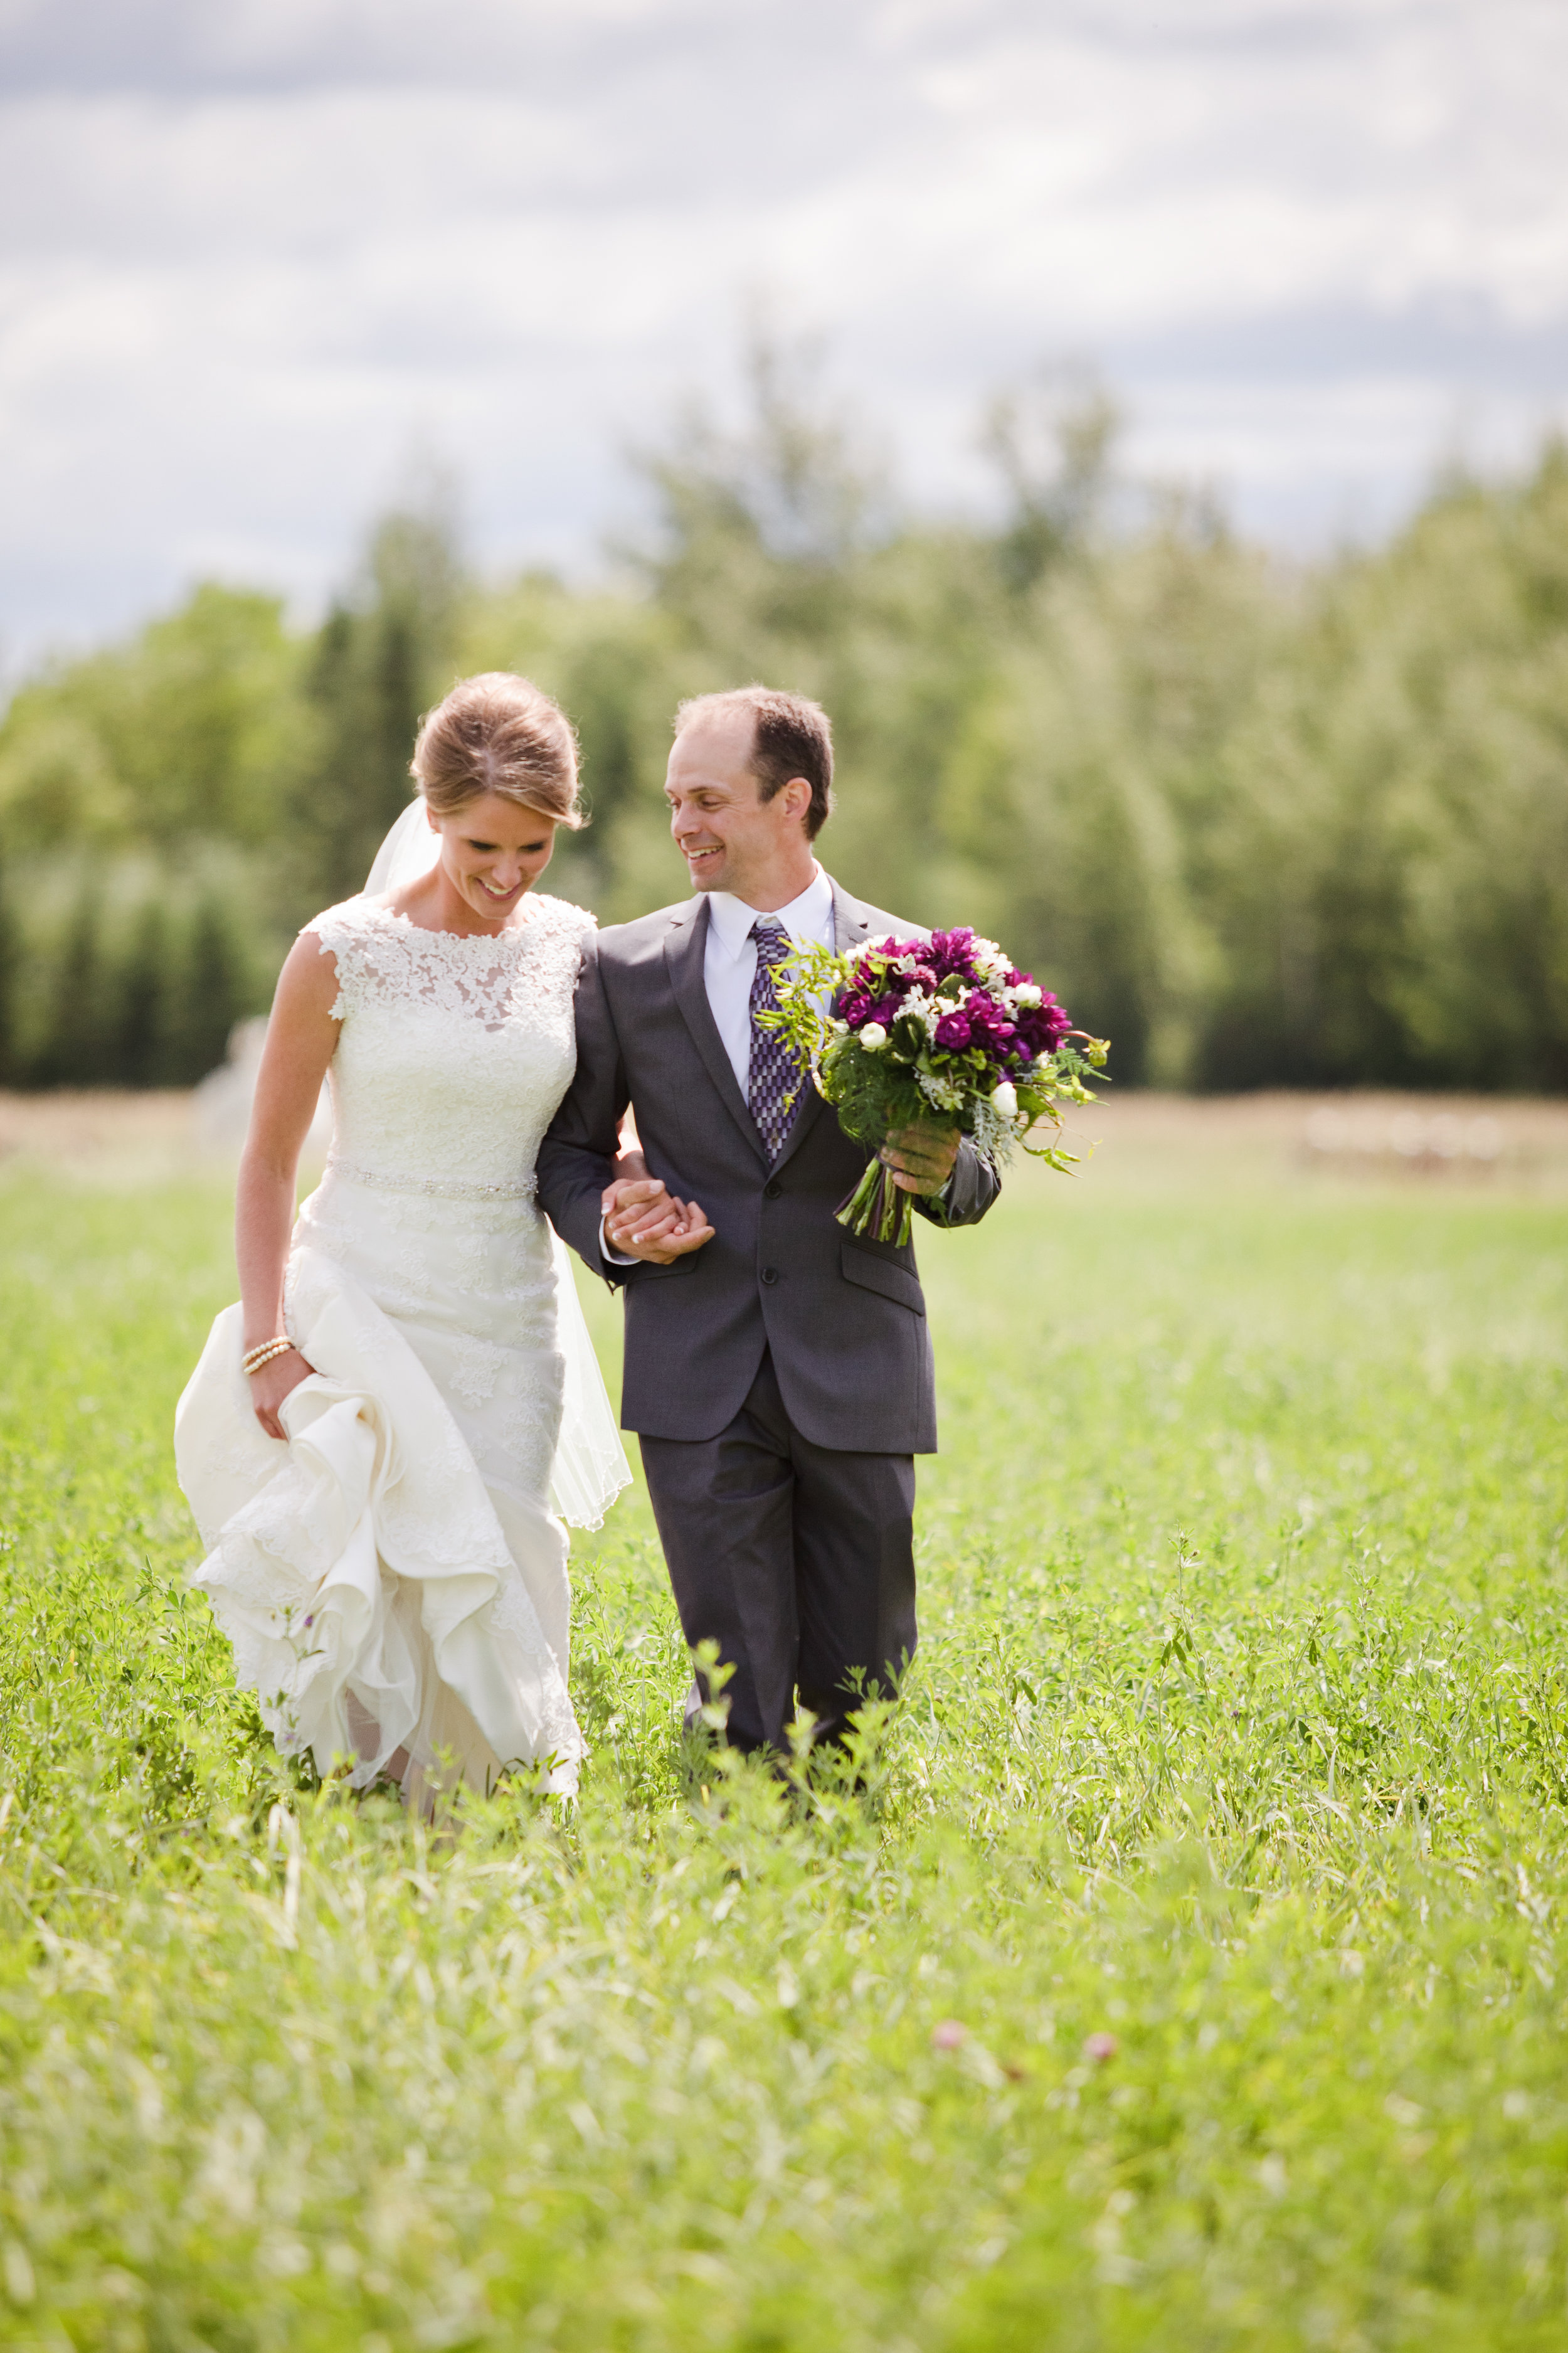 Bemidji MN Outdoor Wedding Photographer